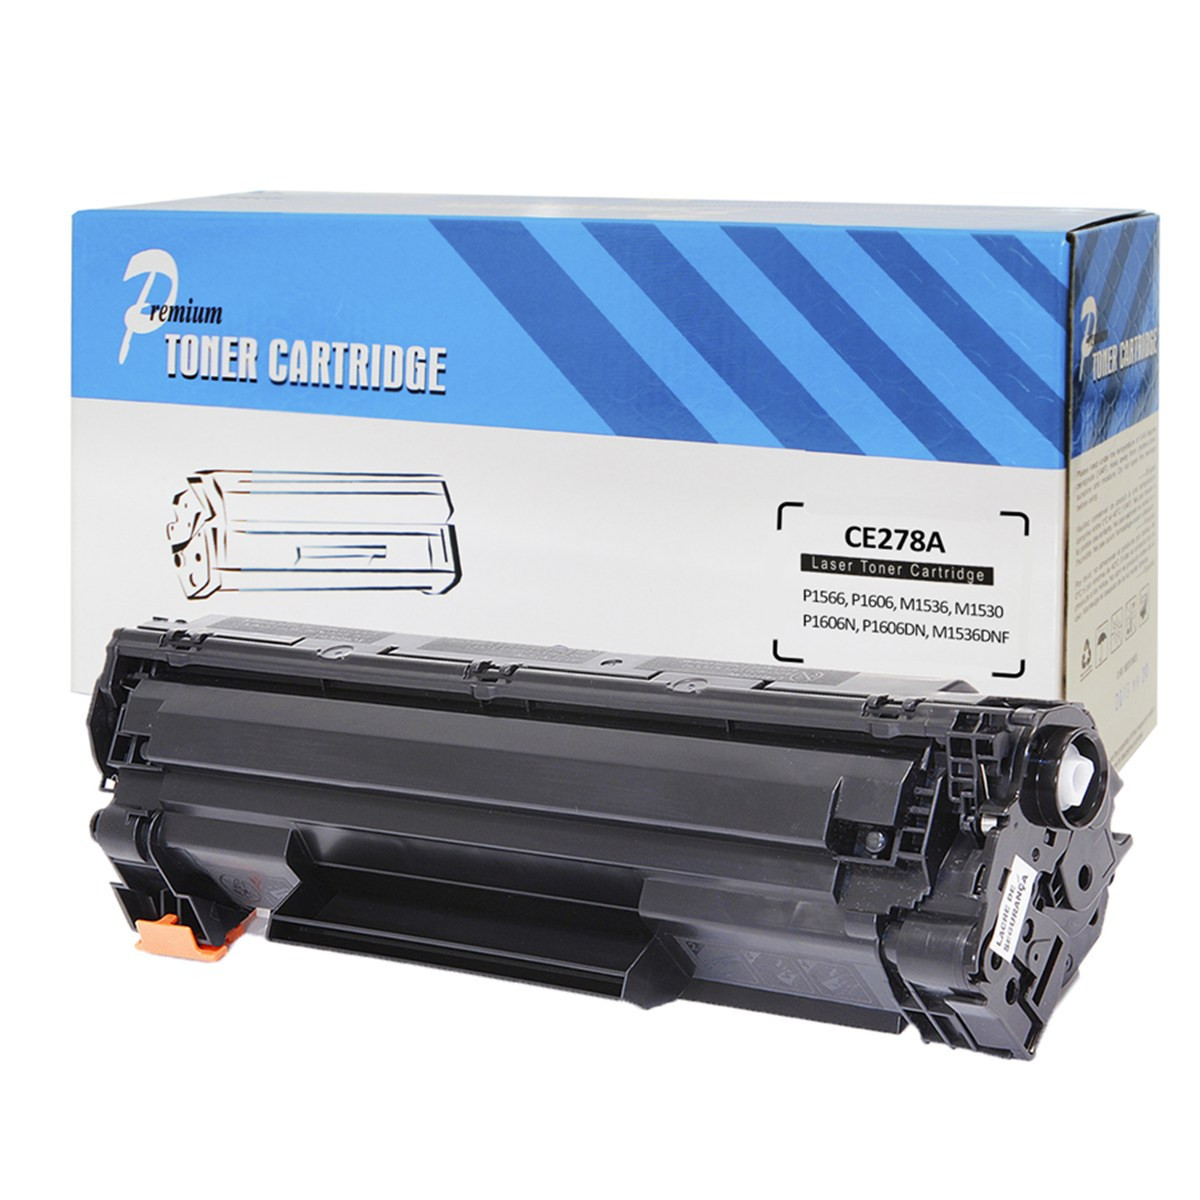 Toner Compatível com HP CE278A | P1566 P1606 P1606N P1606DN M1530 M1536 M1536DNF | Premium 2k